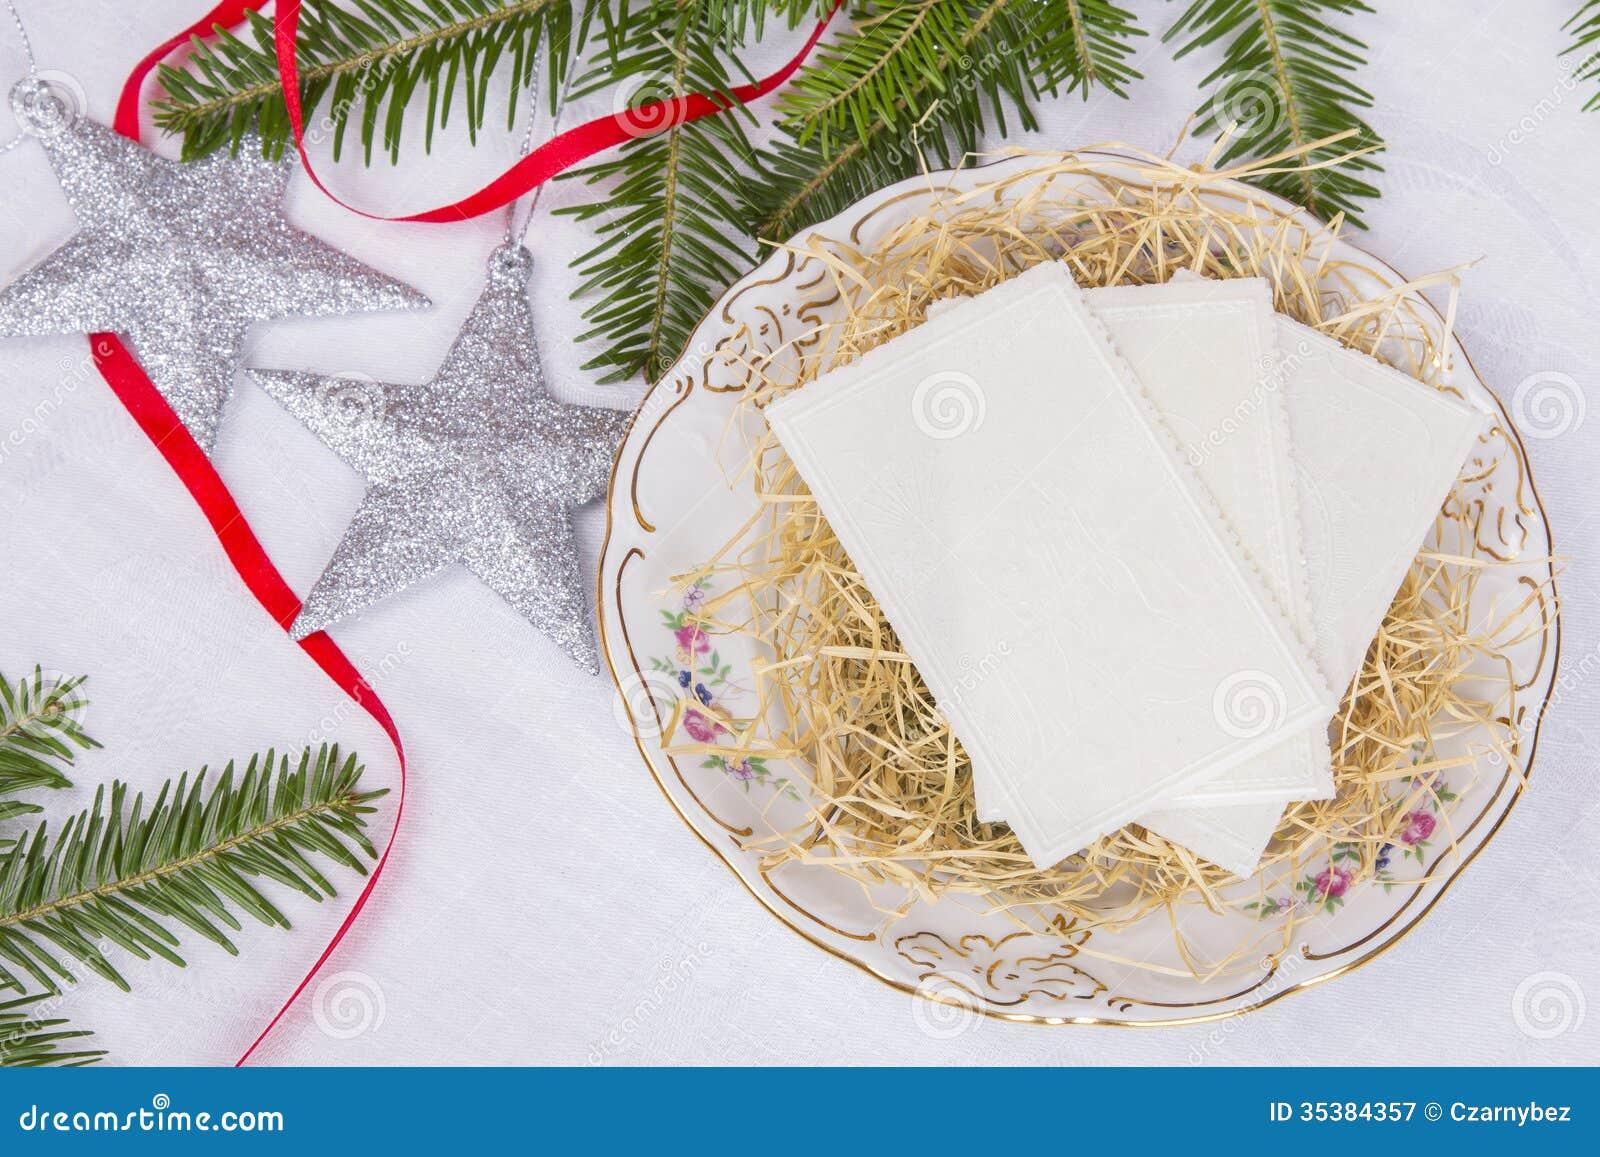 weihnachtsoblate lizenzfreie stockfotografie bild 35384357. Black Bedroom Furniture Sets. Home Design Ideas